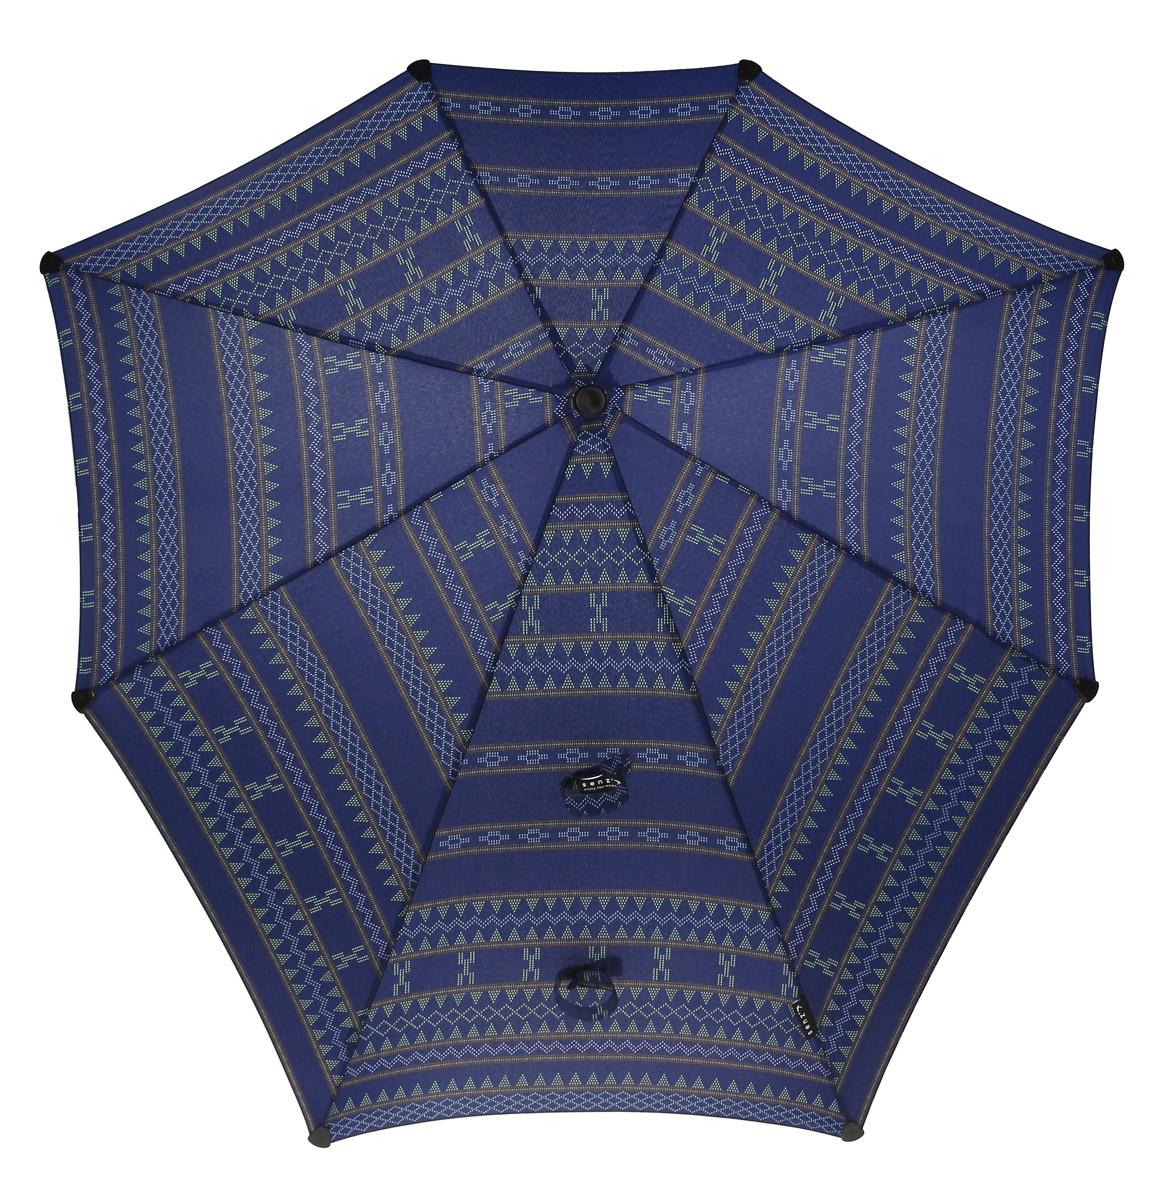 Зонт-трость Senz, цвет: темно-синий. 20110502011050Зонт Senz - инновационный противоштормовый зонт, выдерживающий любую непогоду. Входит в коллекцию senz6, разработанную совместно со знаменитыми дизайнерами фэшн-индустрии и отвечающую новейшим веяниям моды. Форма купола продумана так, что вы легко найдете самое удобное положение на ветру - без паники и без борьбы со стихией. Закрывает спину от дождя. Благодаря своей усовершенствованной конструкции, зонт не выворачивается наизнанку даже при сильном ветре. Характеристики: тип - автомат, тип сложения - трость, выдерживает порывы ветра до 100 км/ч, УФ-защита 50+, эргономичная ручка, безопасные колпачки на кончиках спиц, в комплекте чехол с фирменным принтом, гарантия 2 года